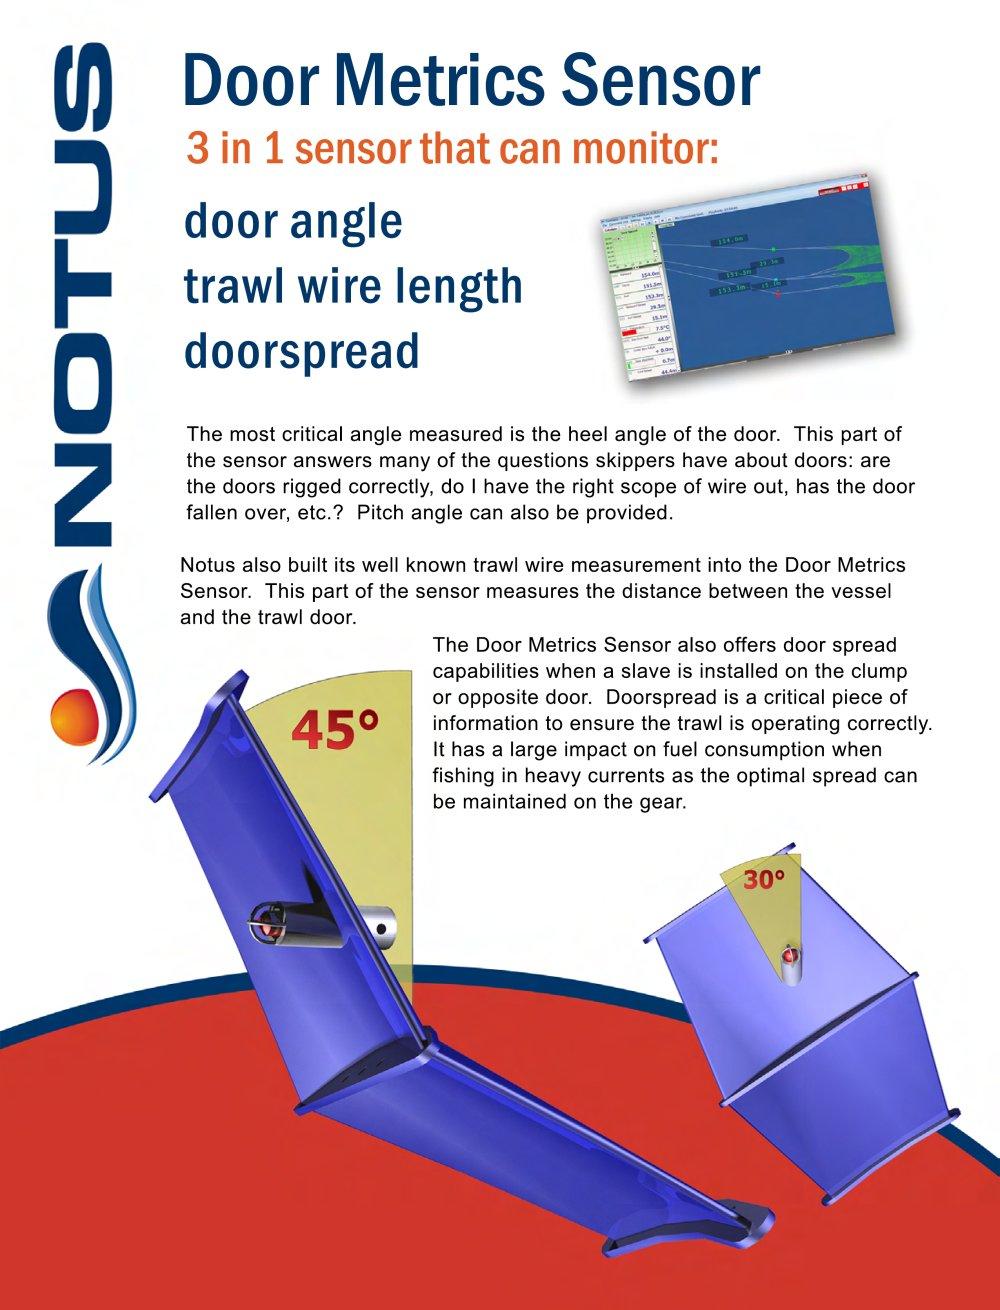 Trawl Door Metrics Sensors - 1 / 2 Pages  sc 1 st  Catalogues Nauticexpo & Trawl Door Metrics Sensors - Notus Electronics - PDF Catalogues ... pezcame.com